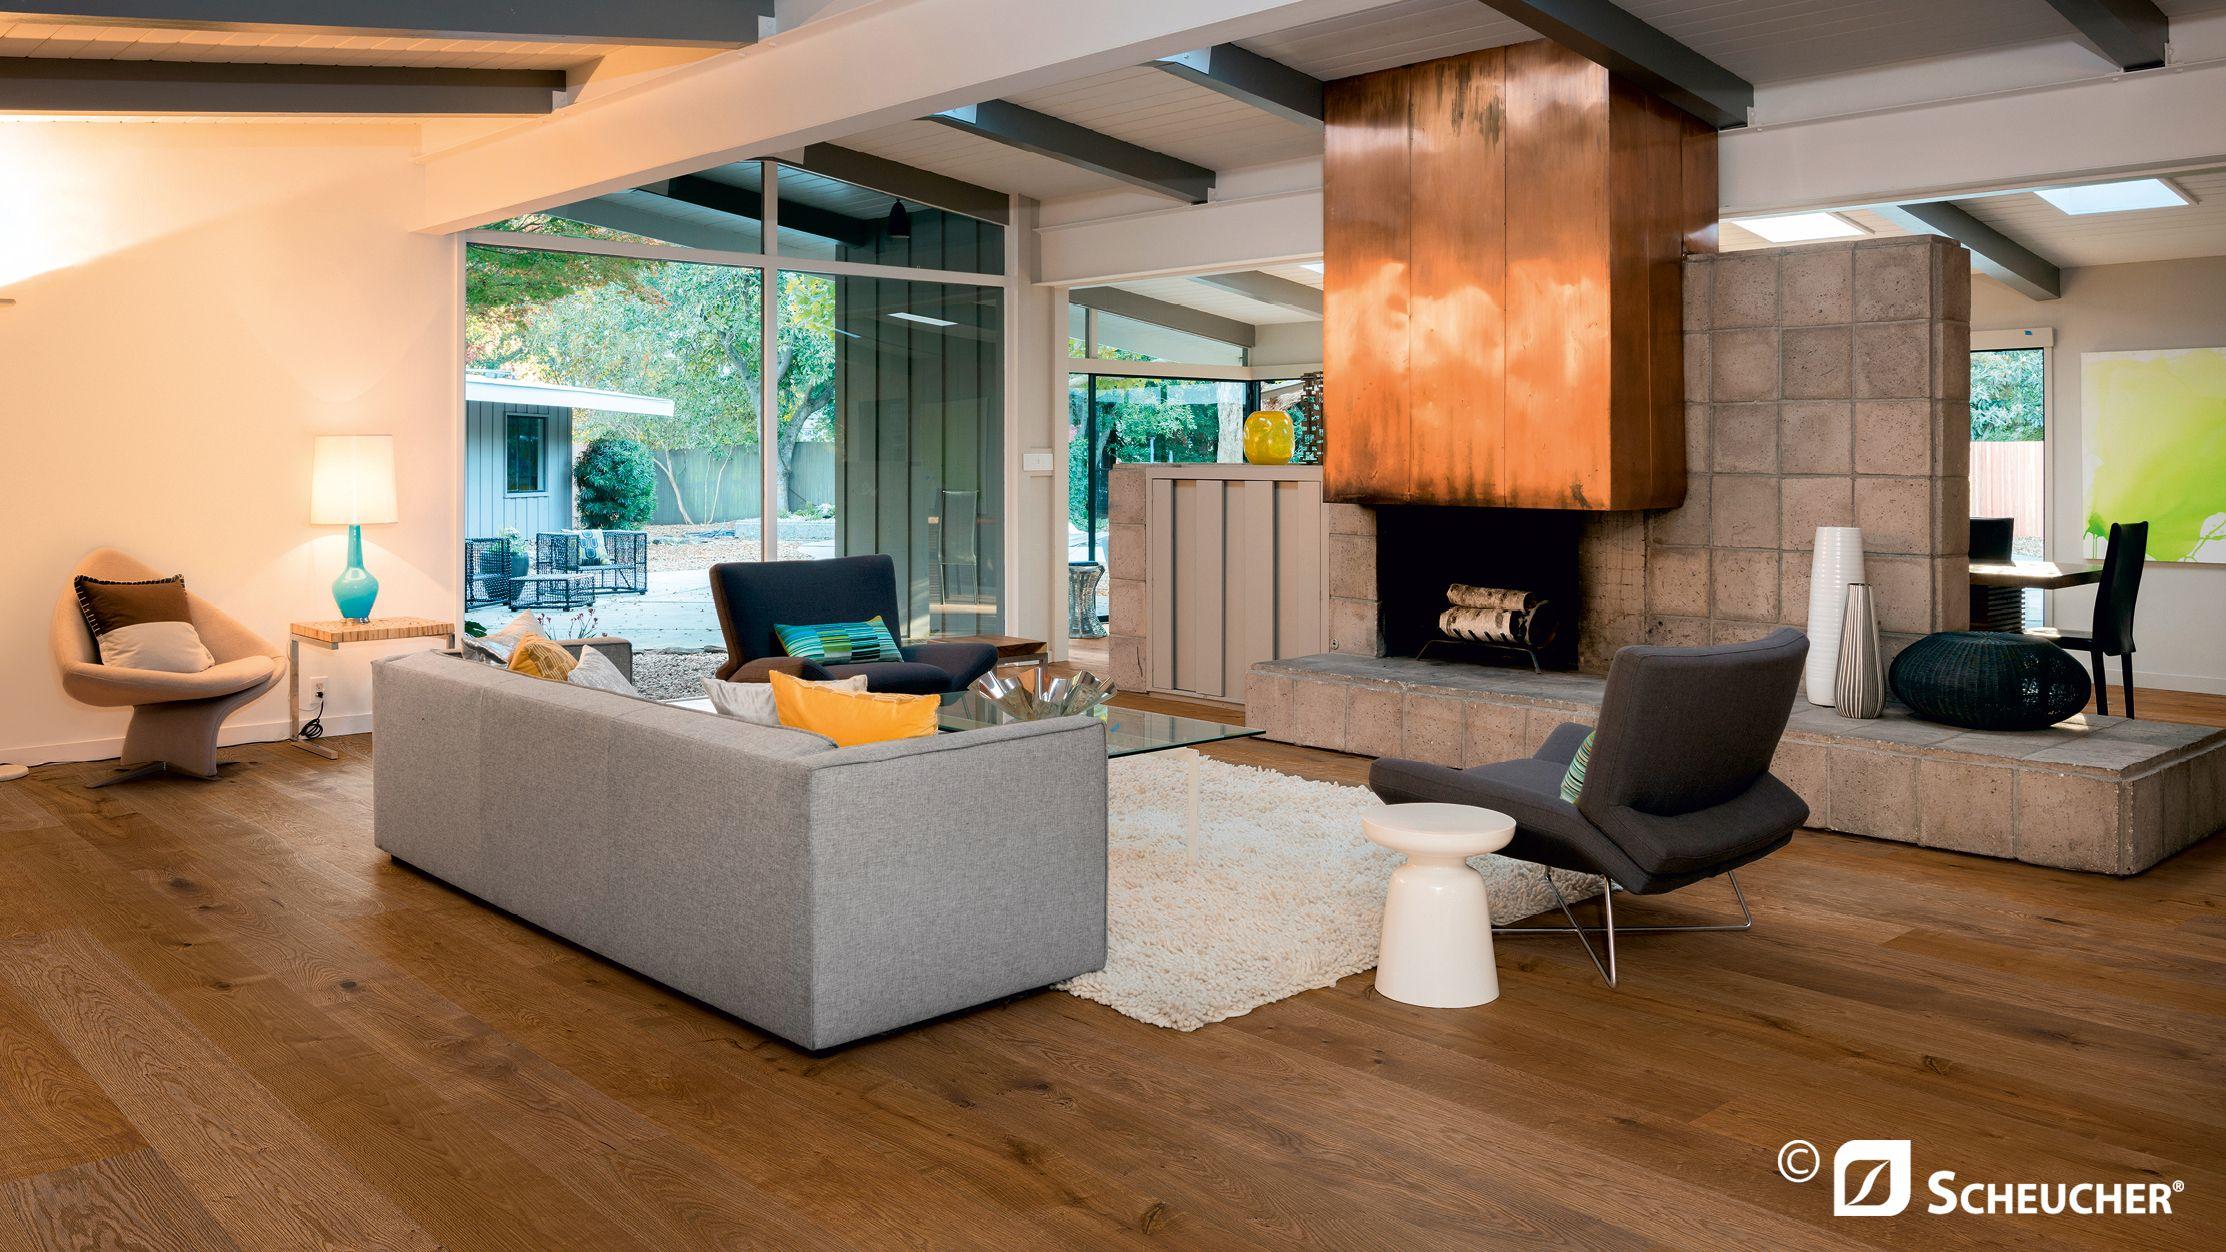 wohnzimmer living room mit scheucher parkett landhausdiele eiche gedampft coupal oak steamed